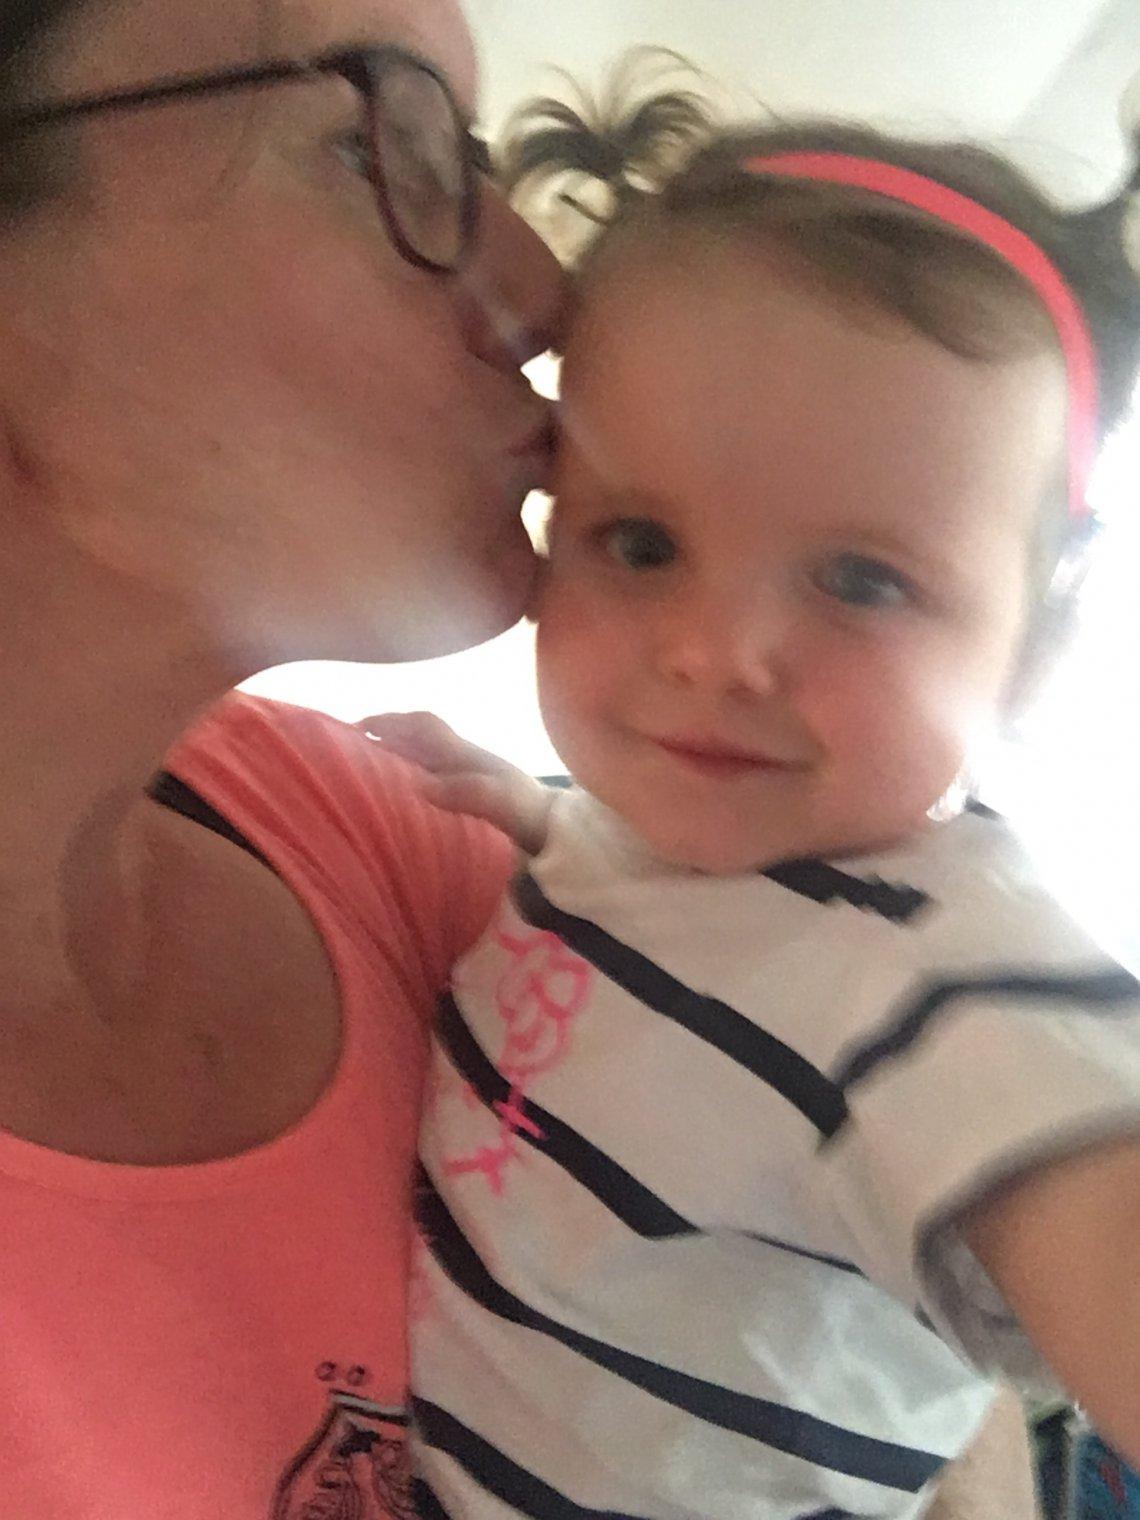 Kus voor Lieke - mijn zusje is doof